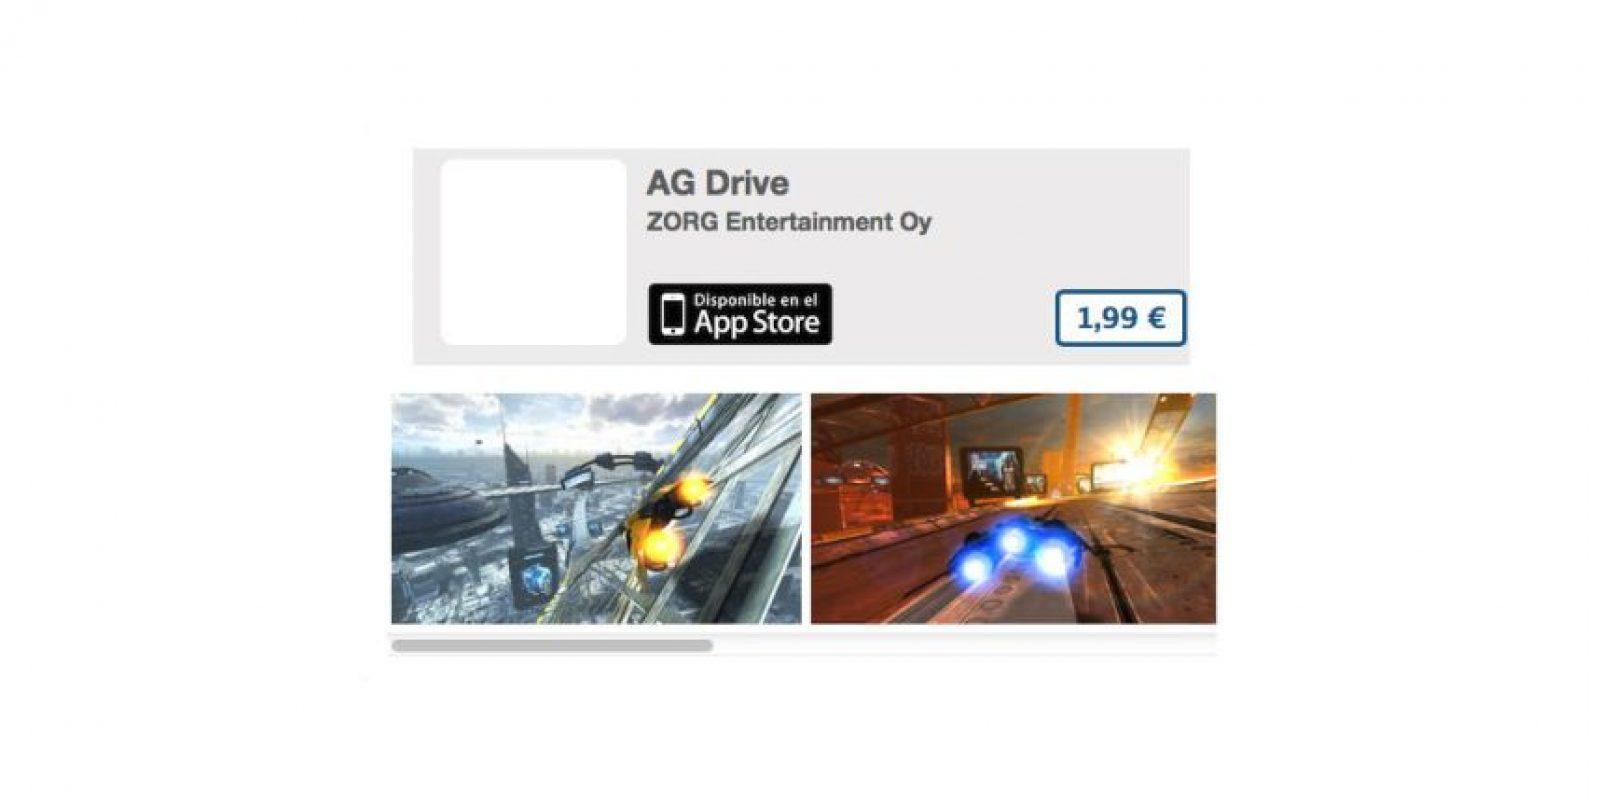 AG Drive es un juego de carreras futurista con excelentes gráficos. Precio 3 dólares Foto:De ZORG